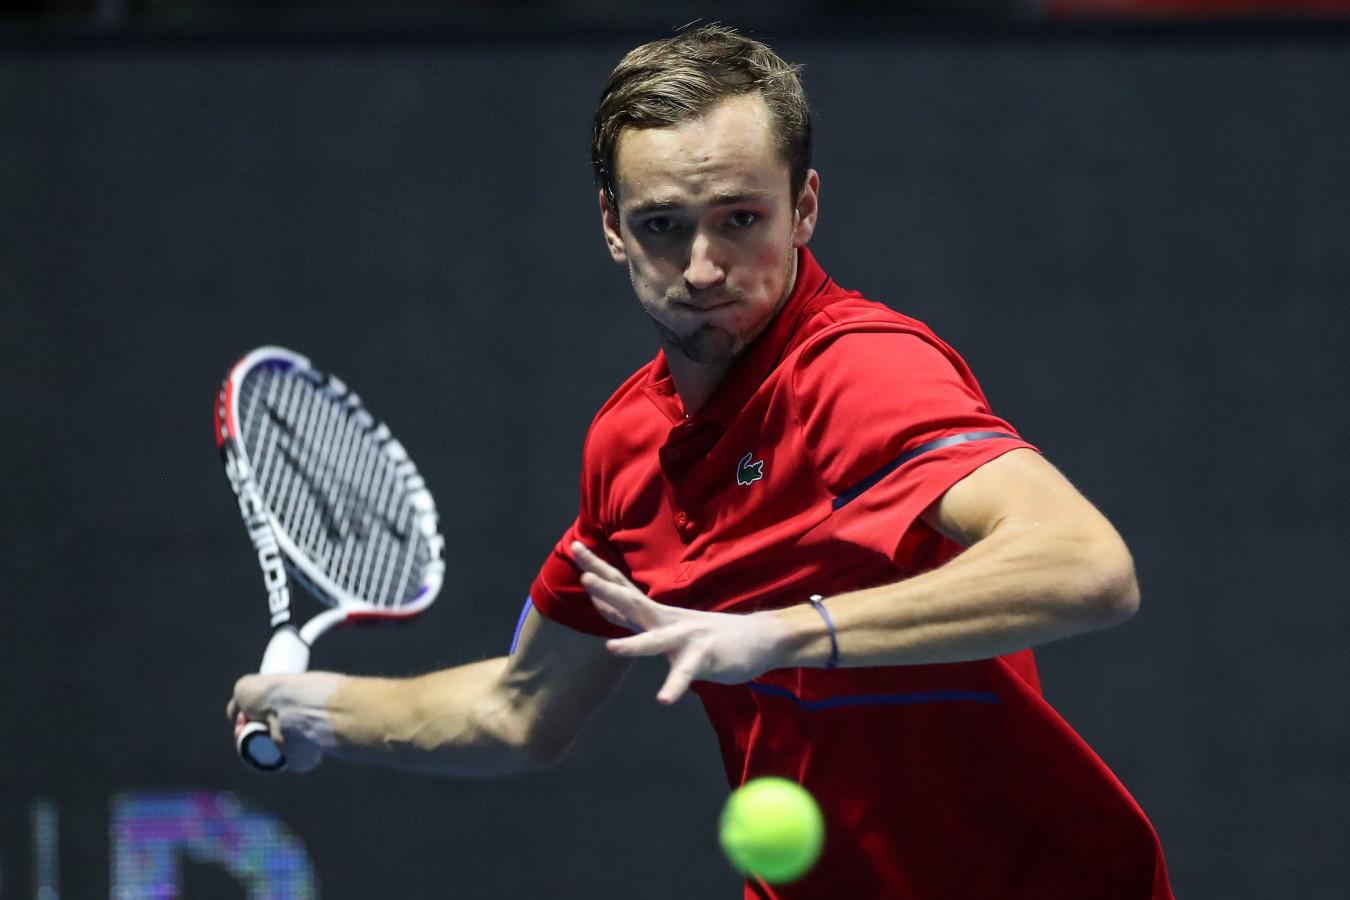 Даниил Медведев стал первым россиянином в полуфинале Итогового турнира АТР за 11 лет